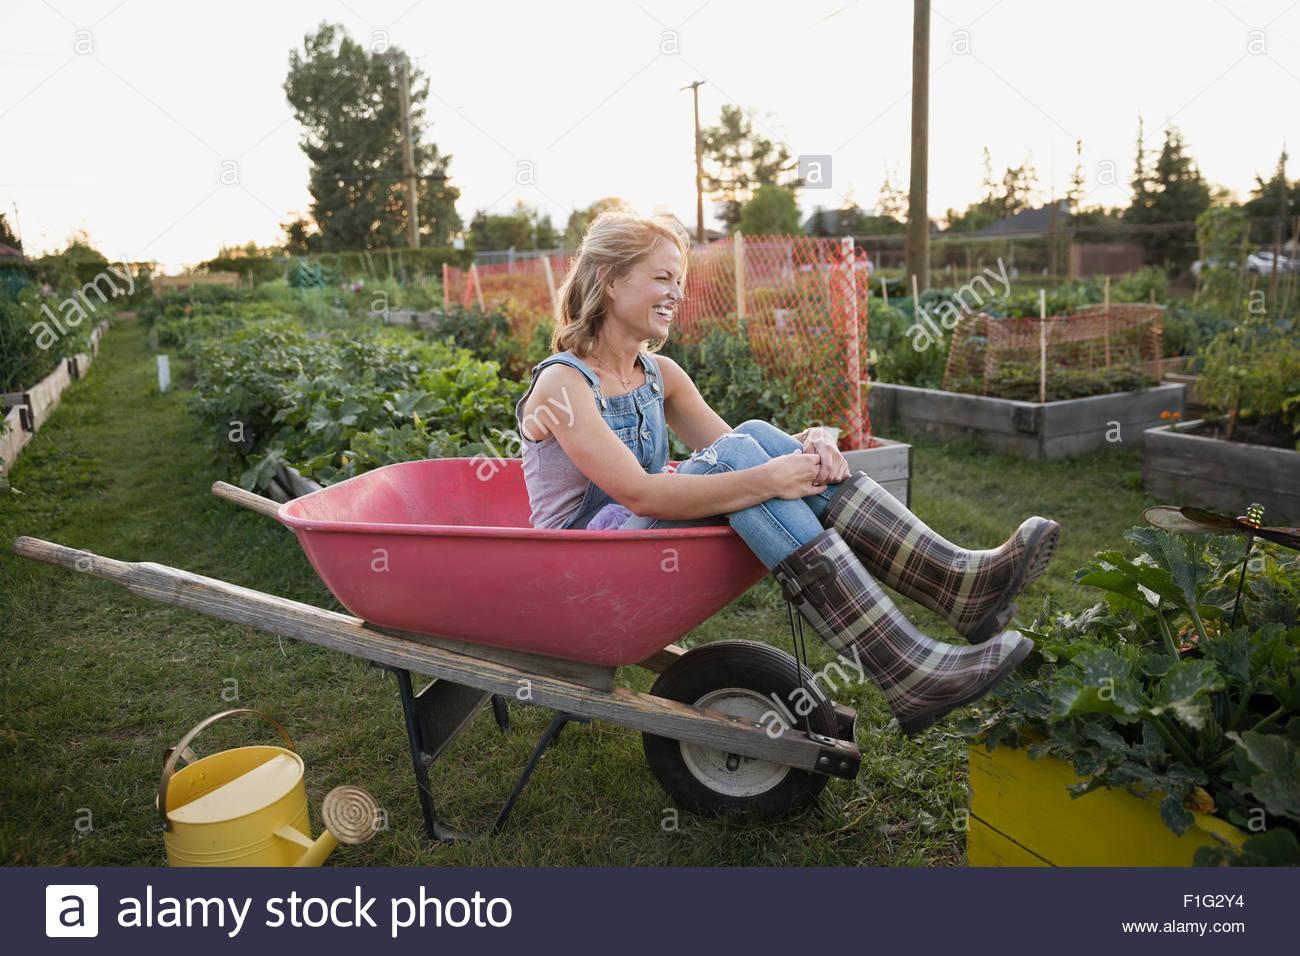 Mujer sonriente plaid sentado wellingtons carretilla jardín Imagen De Stock